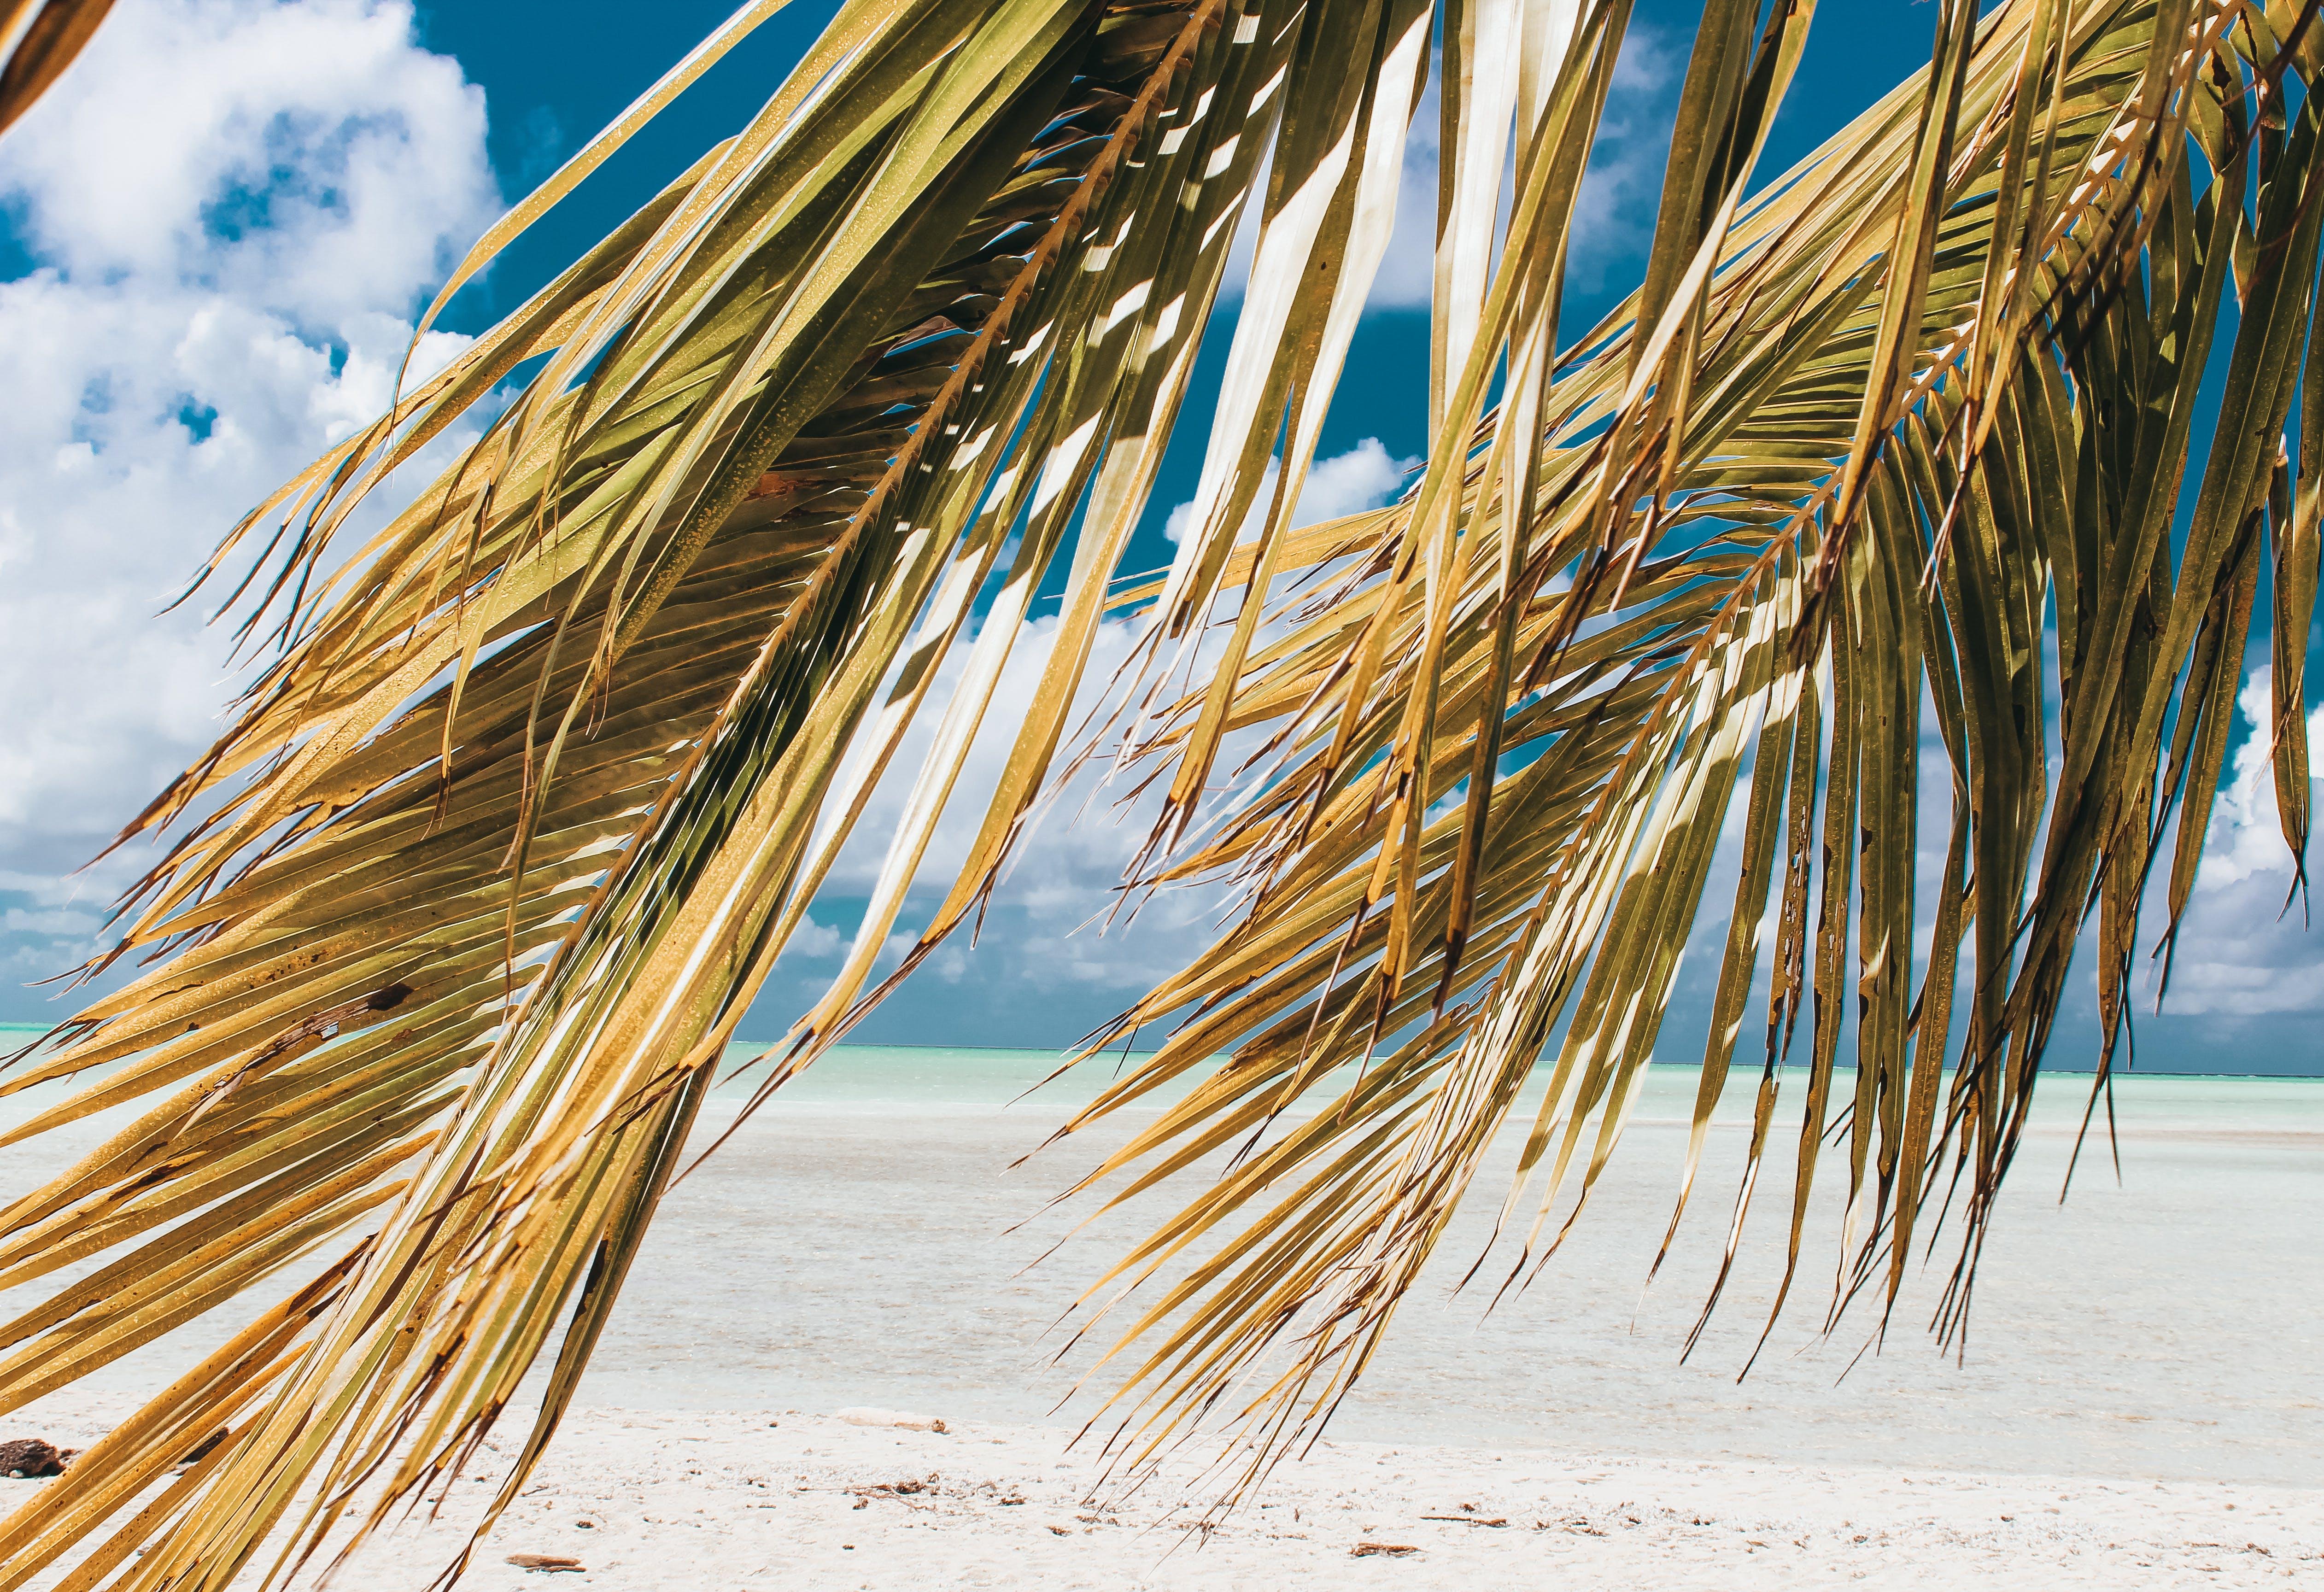 假期, 加勒比海, 土耳其藍, 夏天 的 免费素材照片